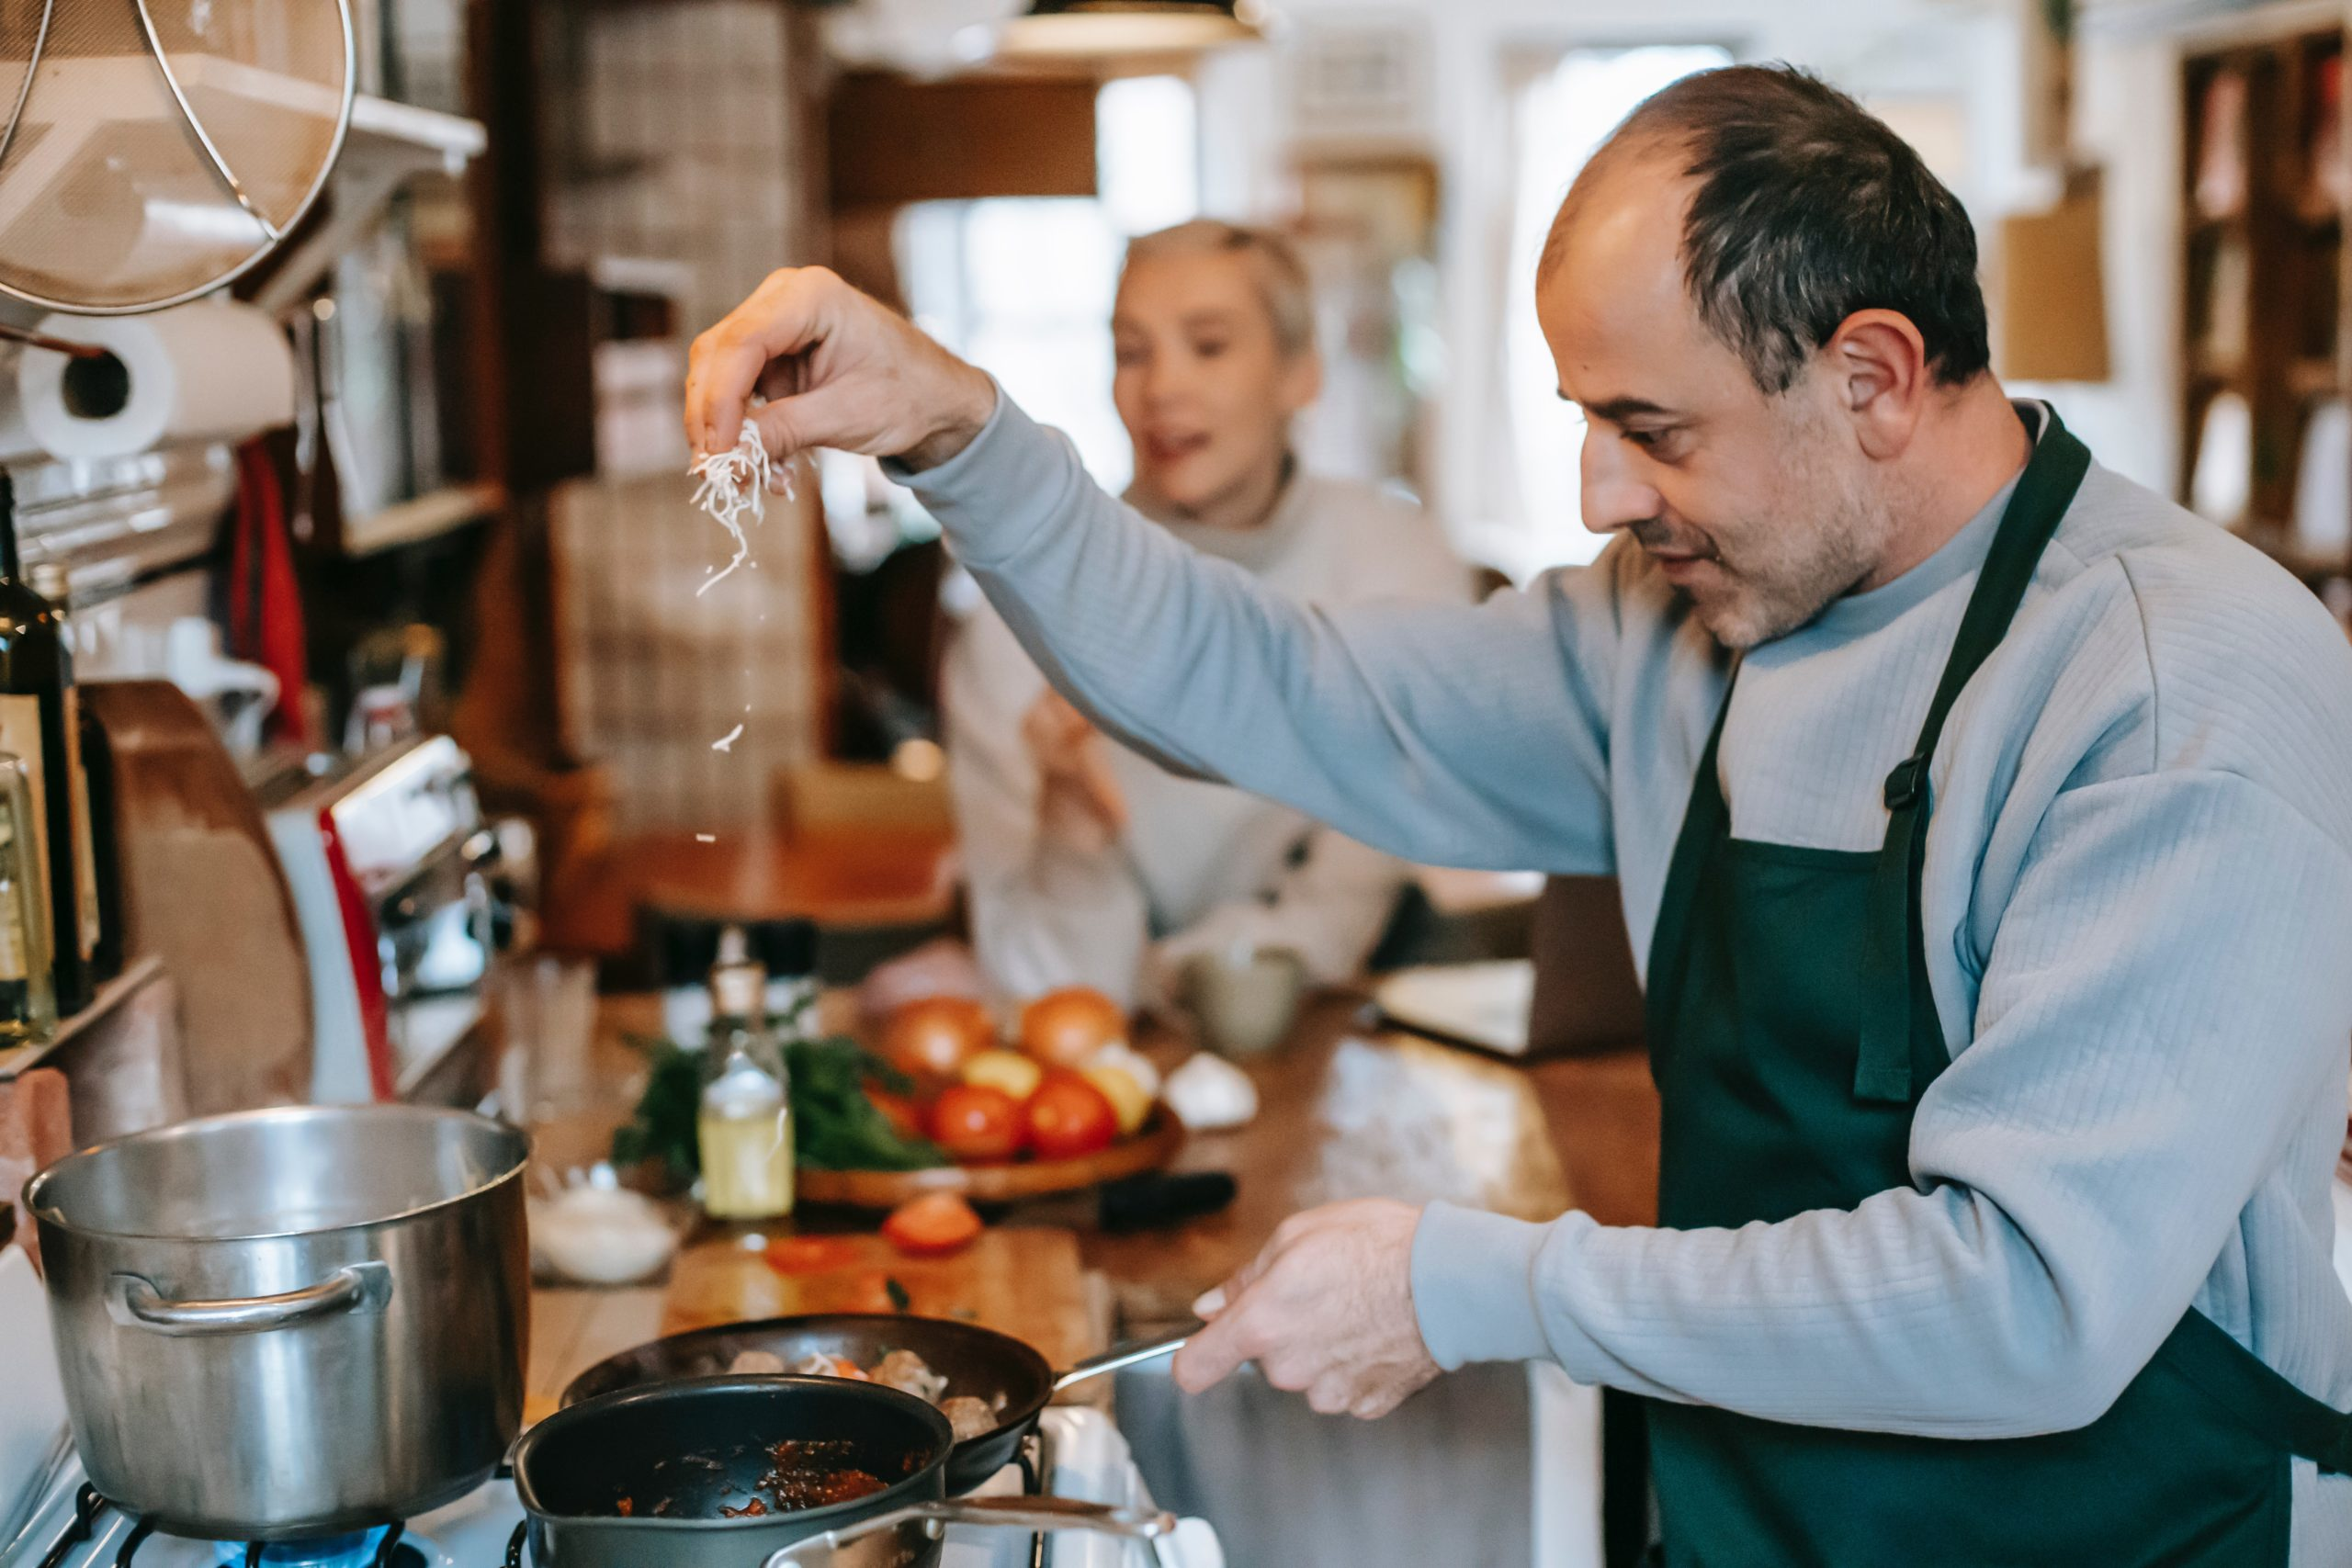 aliments anti-cancer : cuisiner soi-même est une bonne alternative